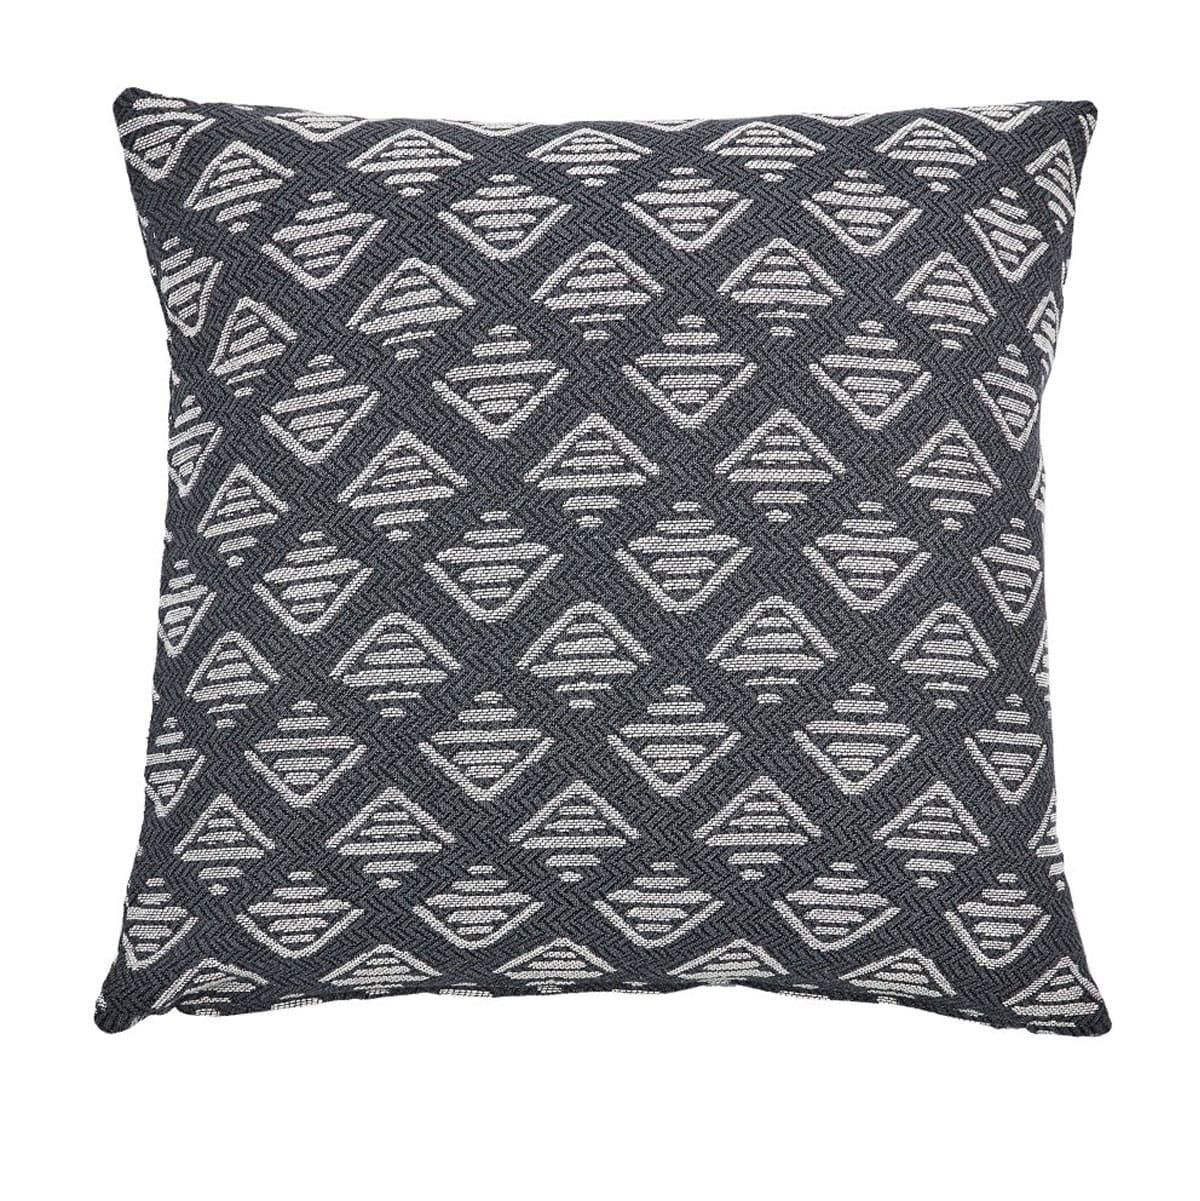 Μαξιλαροθήκη Διακοσμητική Top 30 Anthracite Kentia 50X50 Βαμβάκι-Polyester